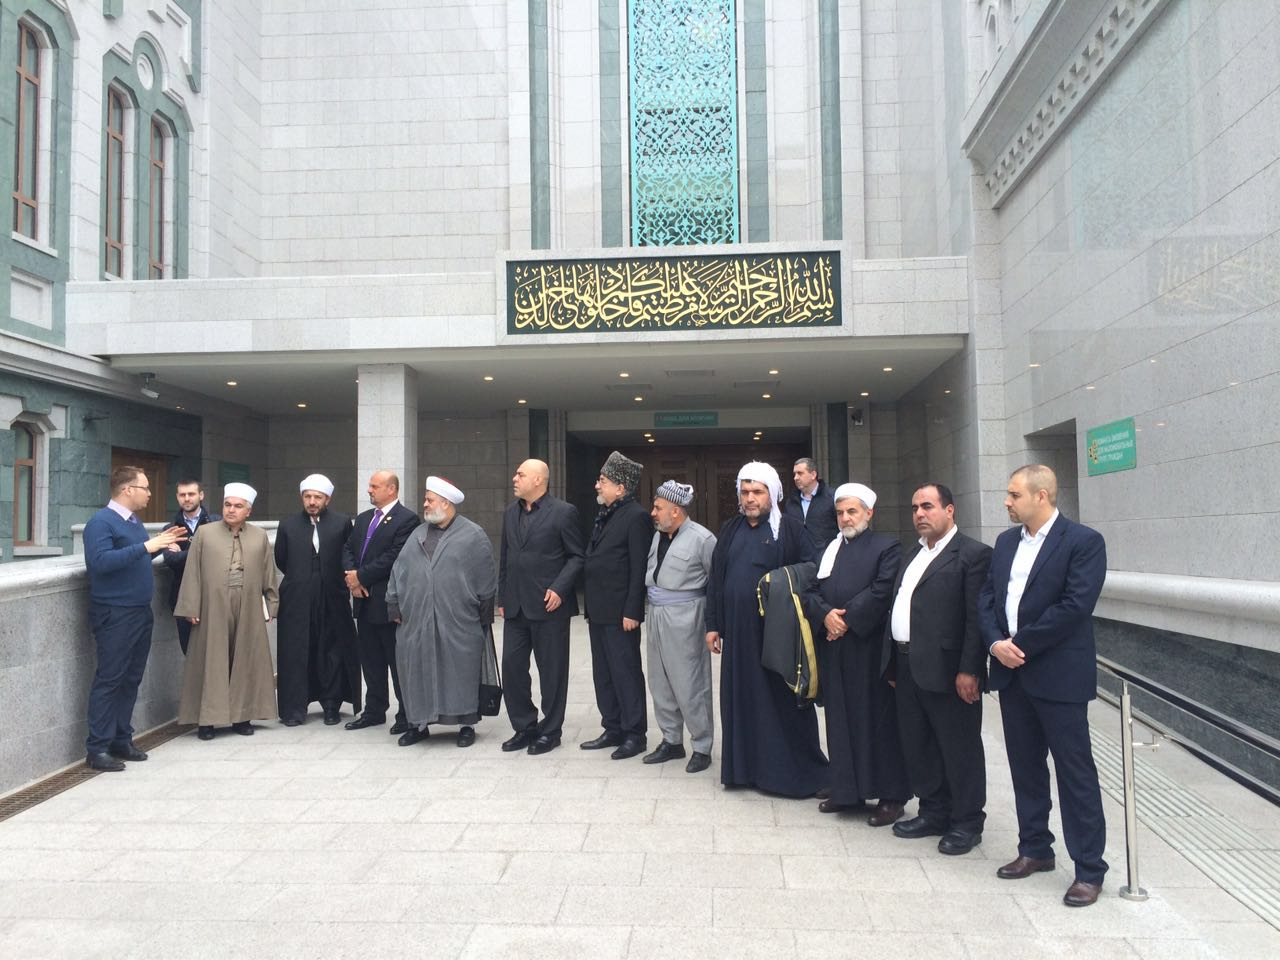 В Россию прибыли видные мусульманские деятели из Ливана и Ирака